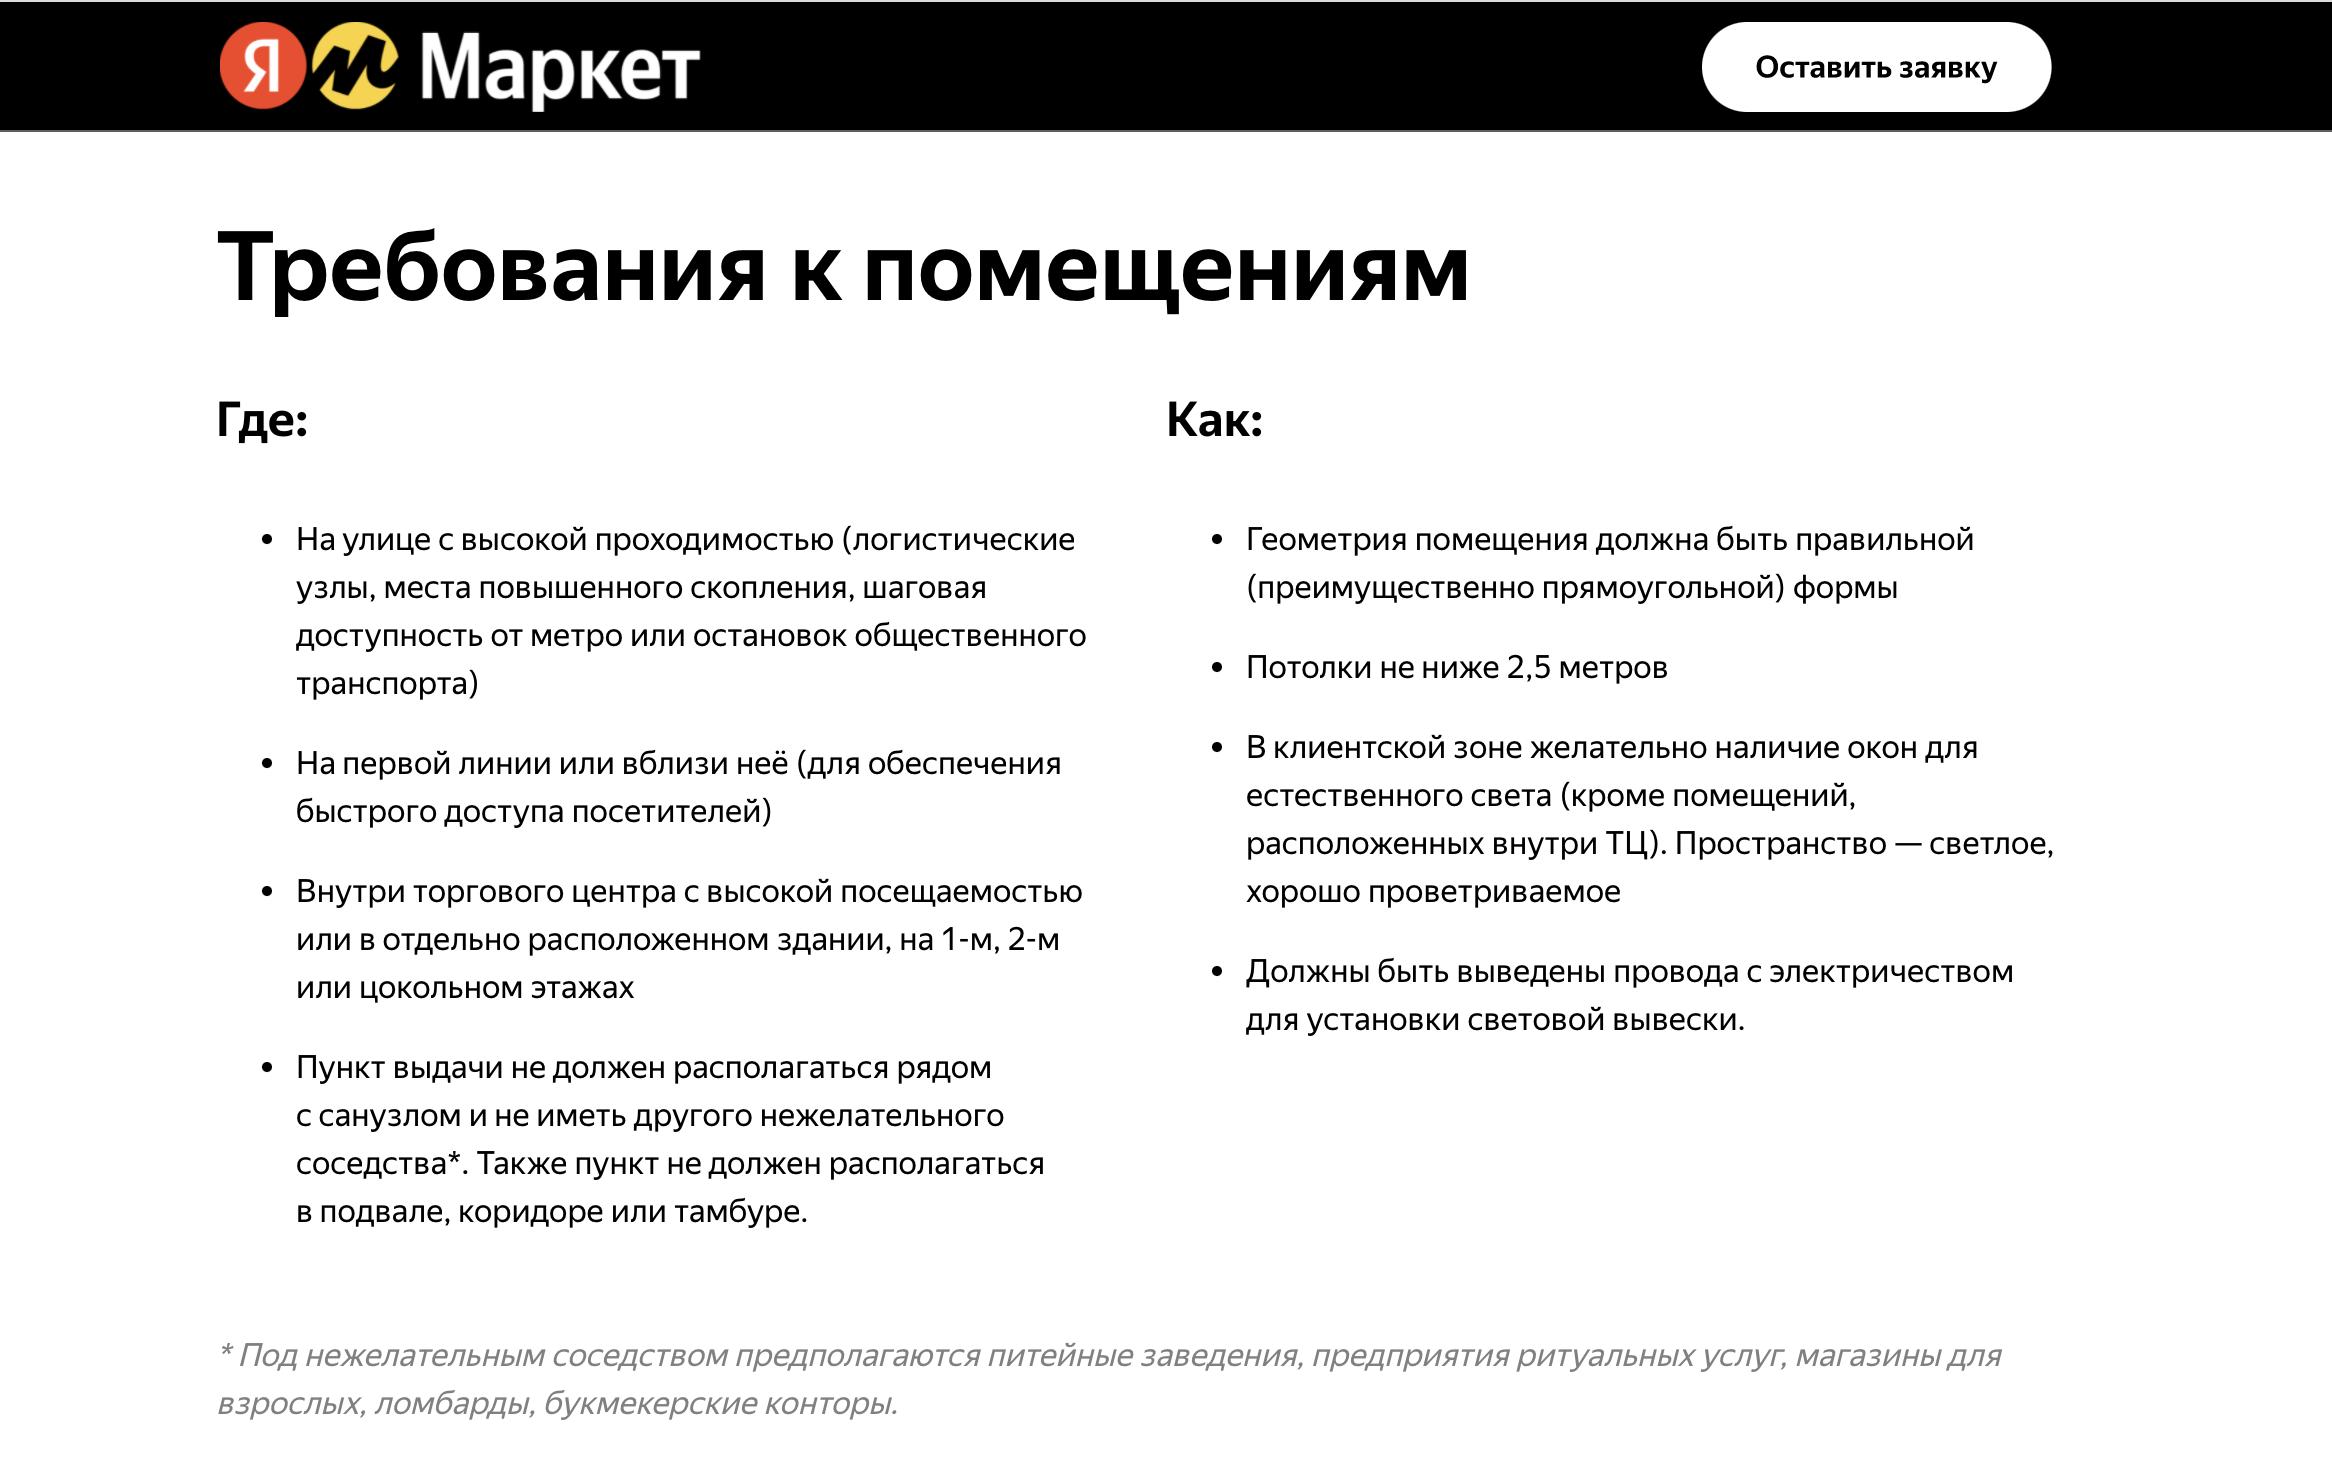 яндекс маркет как открыть пункт выдачи заказов - требования